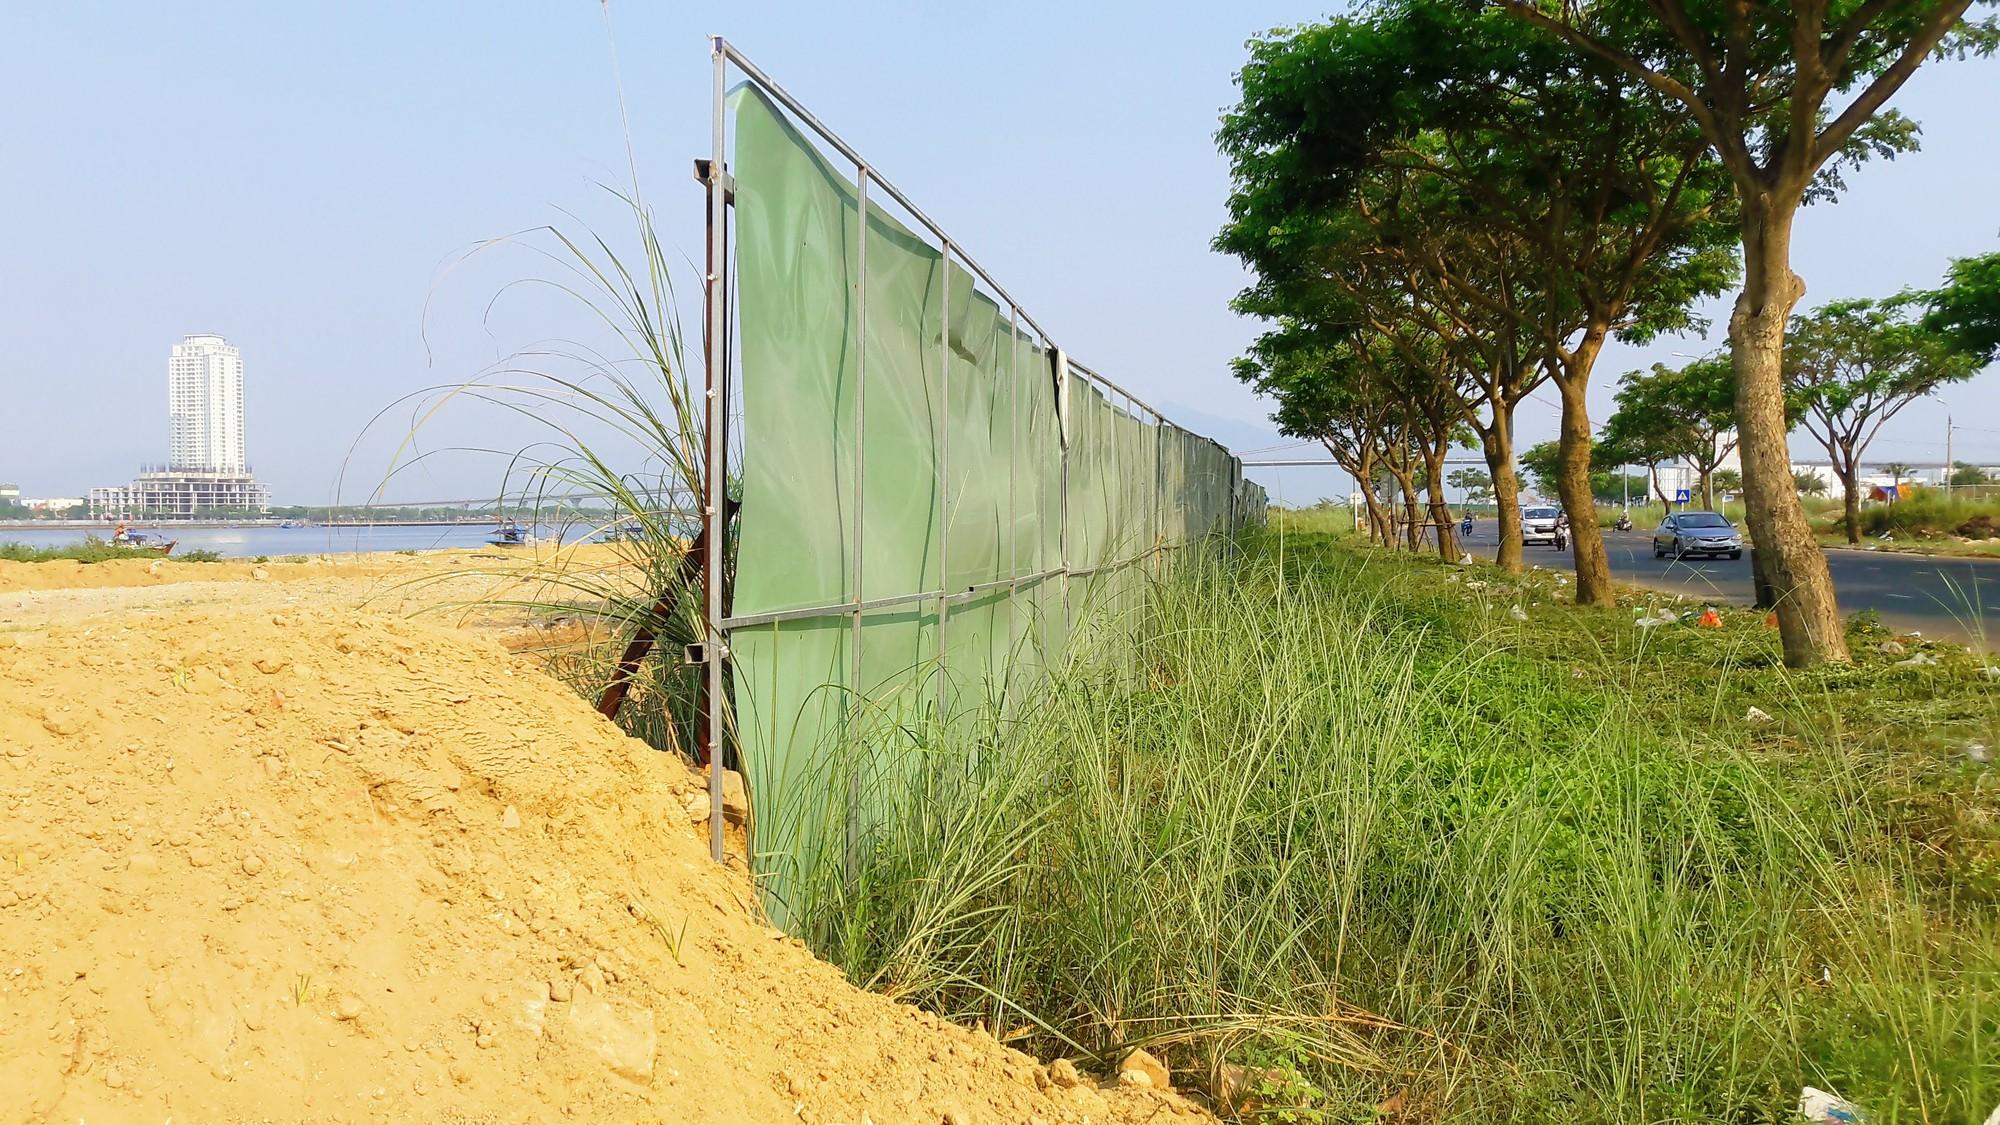 Vụ tạm dừng dự án Marina Complex ở Đà Nẵng: Cận cảnh những công trình, dự án dọc hai bờ sông Hàn hiện nay - Ảnh 12.